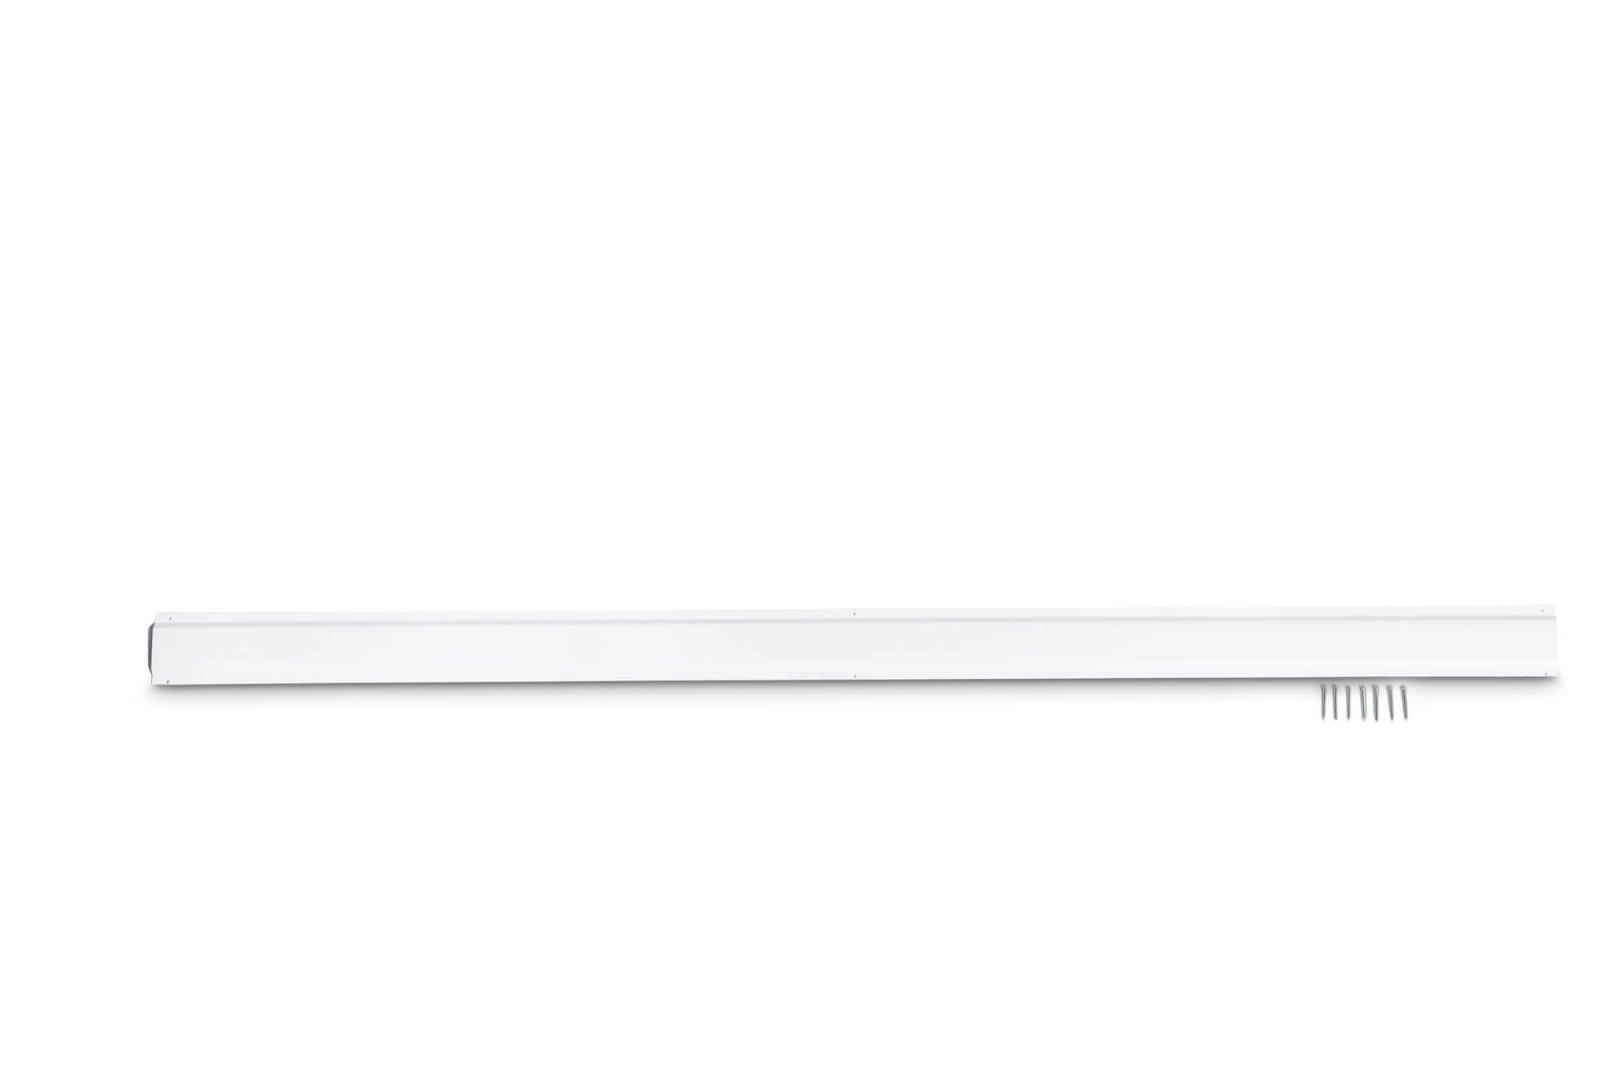 Ferroleiste ZA, Länge 1 m, weiß